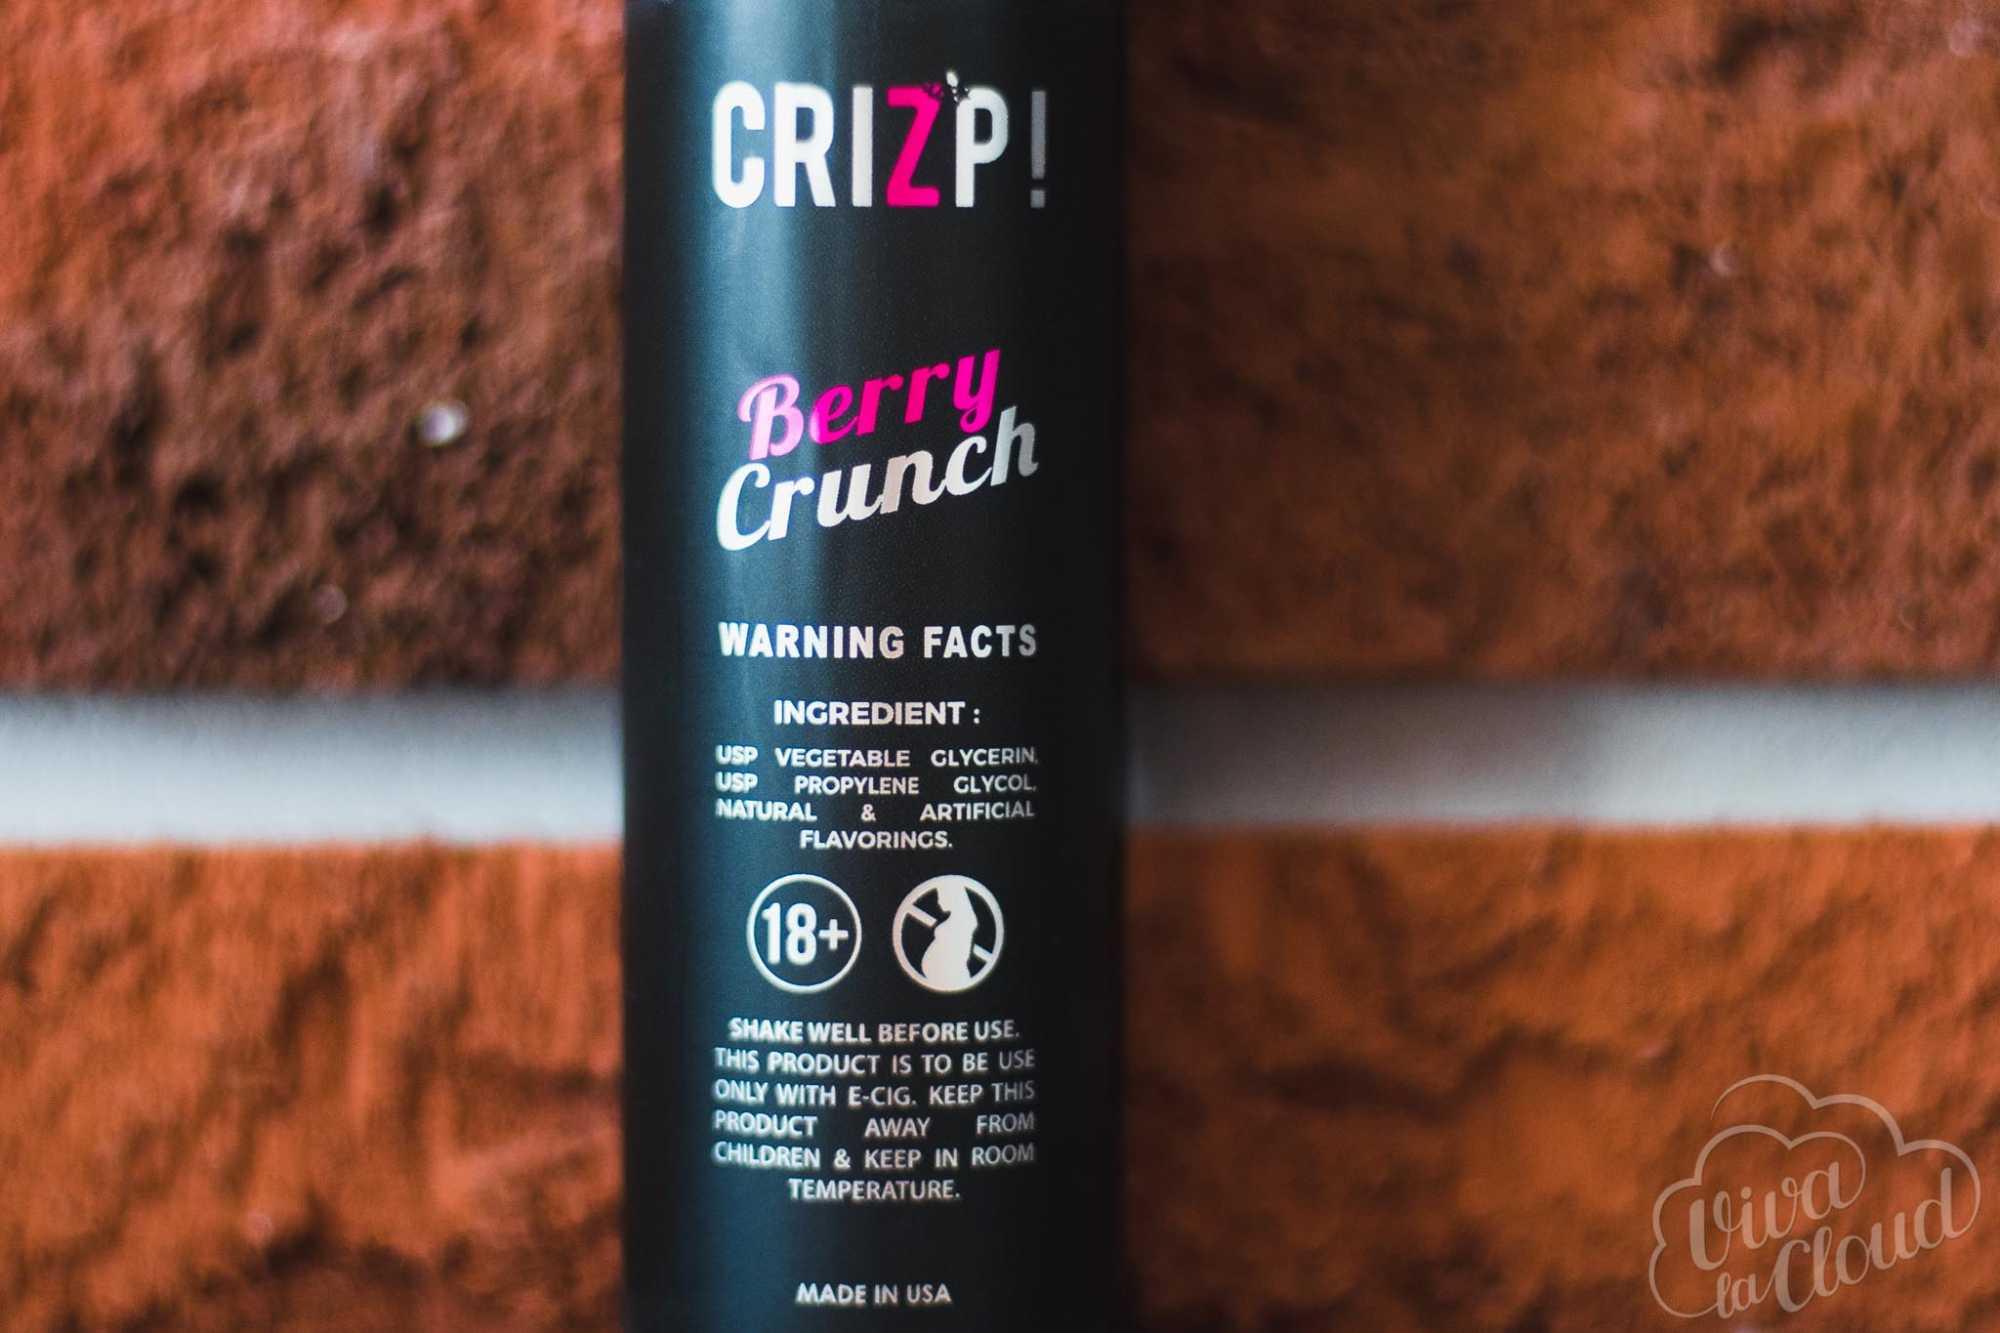 crizp